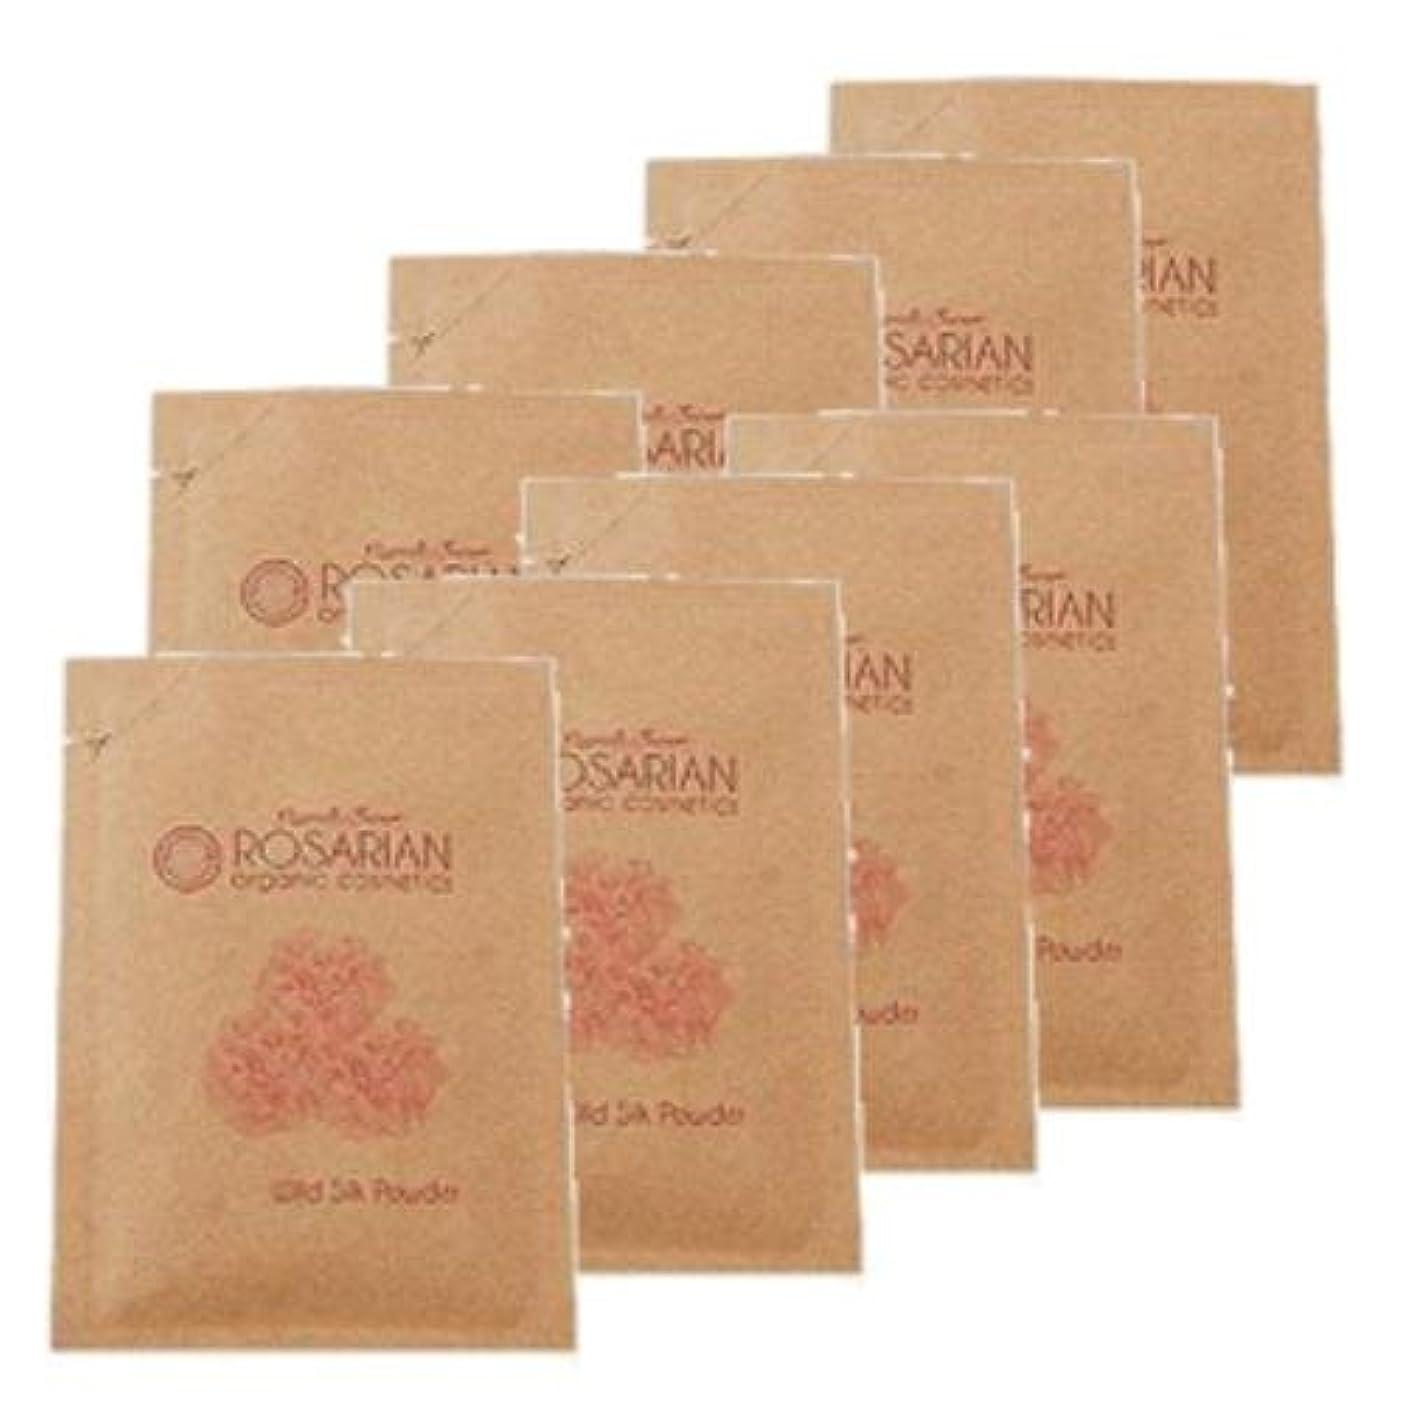 シーン超越する慣習ロザリアン ワイルドシルクパウダー詰替用 4g 8個セット